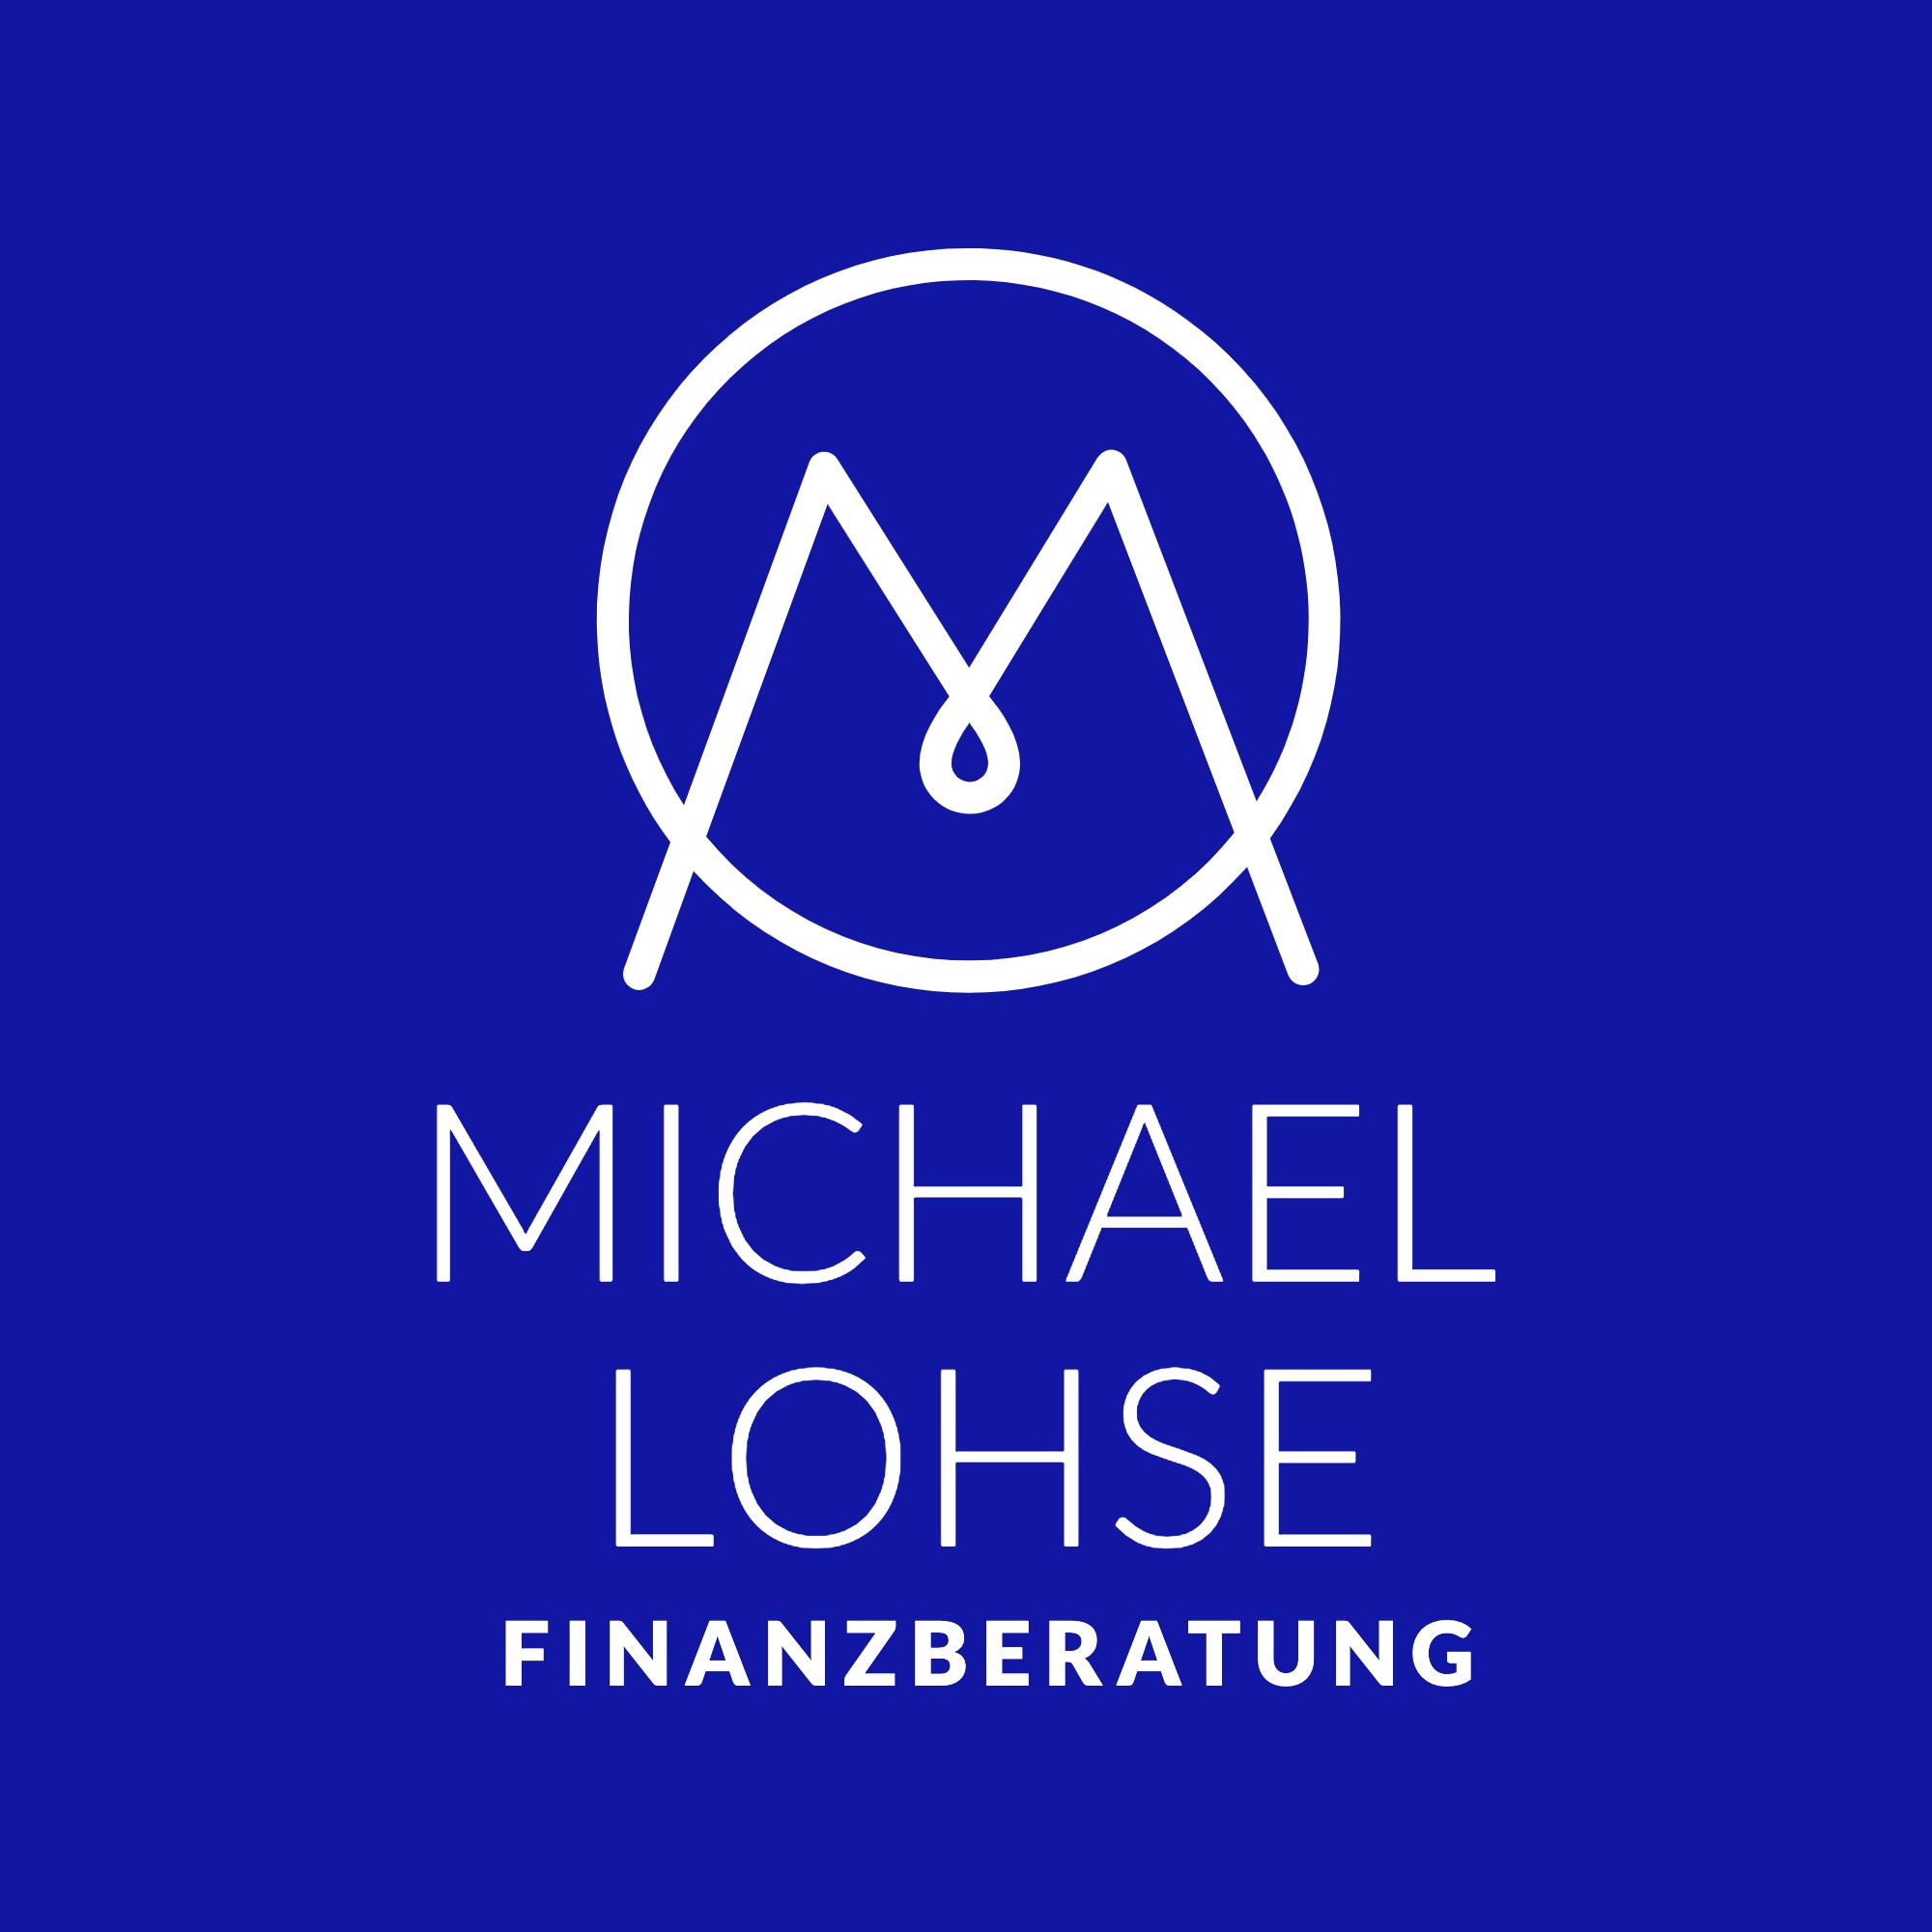 Bild zu Michael Lohse - Finanzberater in Freystadt